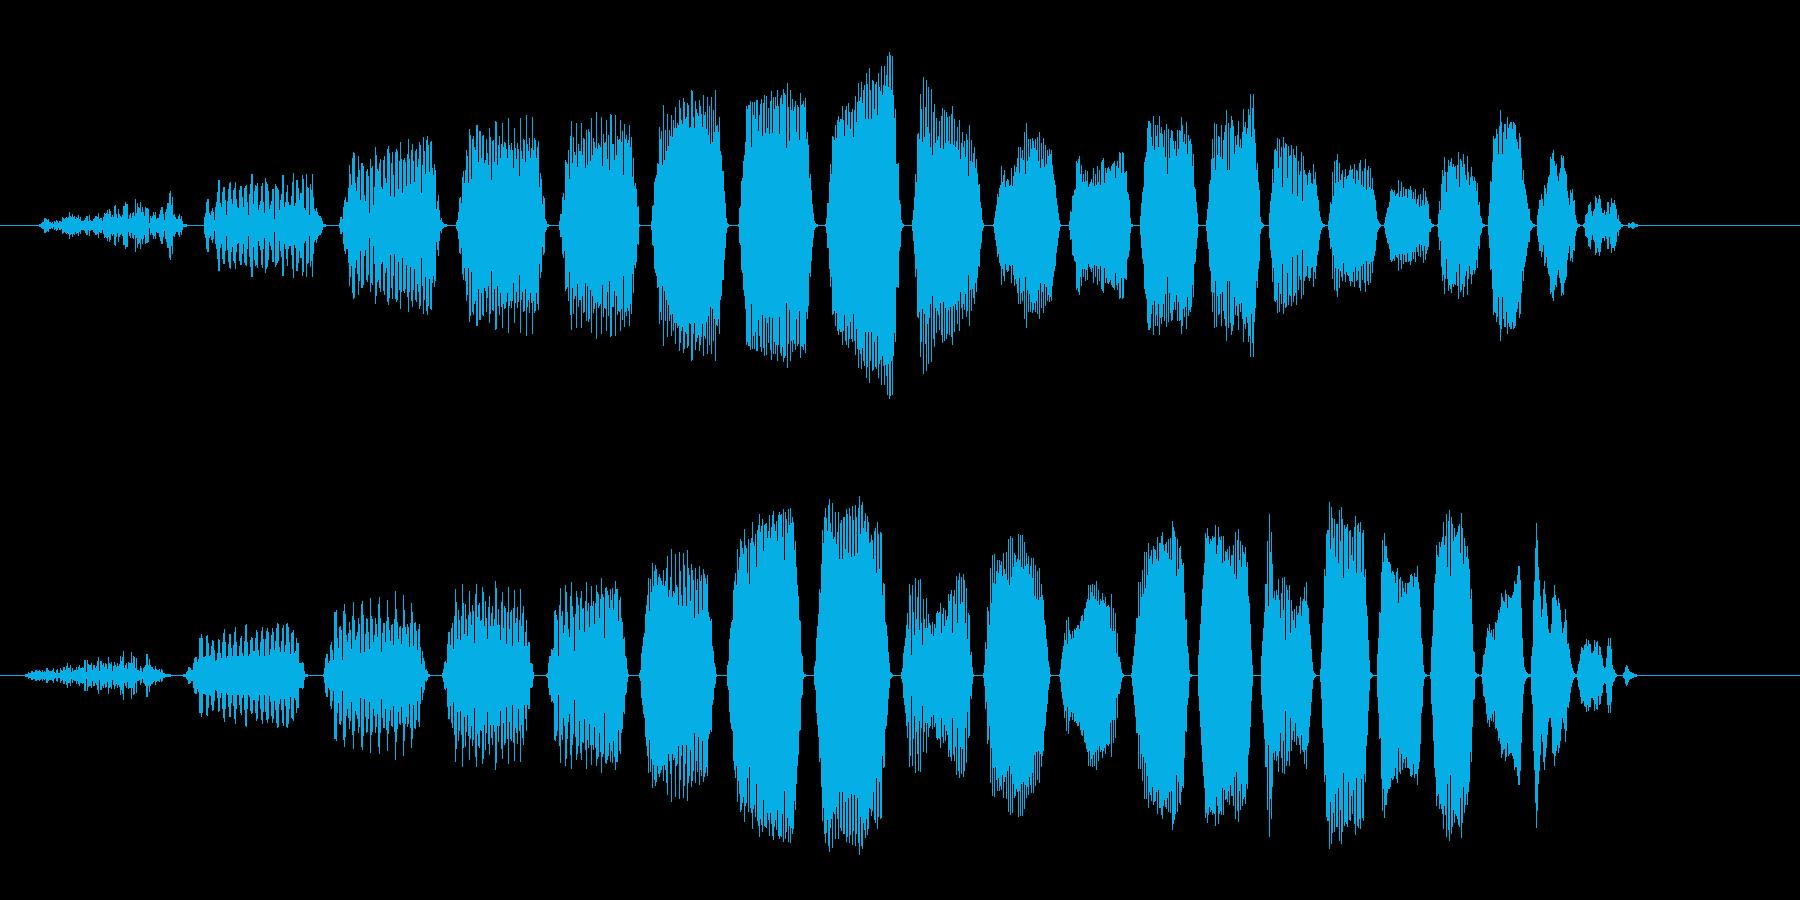 タラタラタラ〜ン(マシンが動き始める音)の再生済みの波形